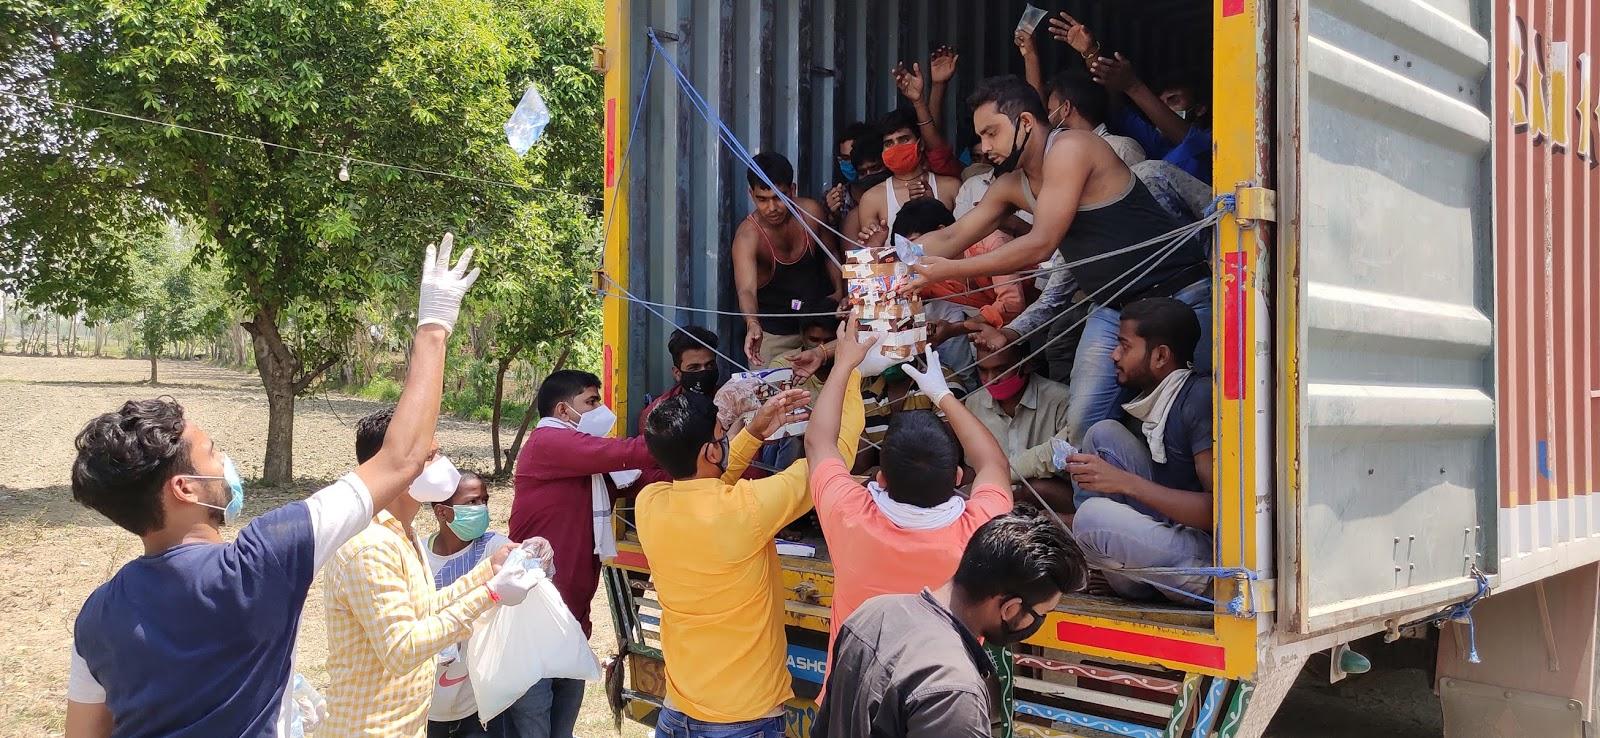 फैज अंसारी  धर्मापुर, जौनपुर। रहमान वेलफेयर सोसायटी गौराबादशाहपुर के द्वारा कस्बे से लगे चोरसन्ड गांव के पास पूर्वांचल पब्लिक स्कूल पर कैम्प लगाकर शनिवार को सुबह से ही सैकड़ों प्रवासियों को भोजन व नाश्ते पानी का वितरण किया।